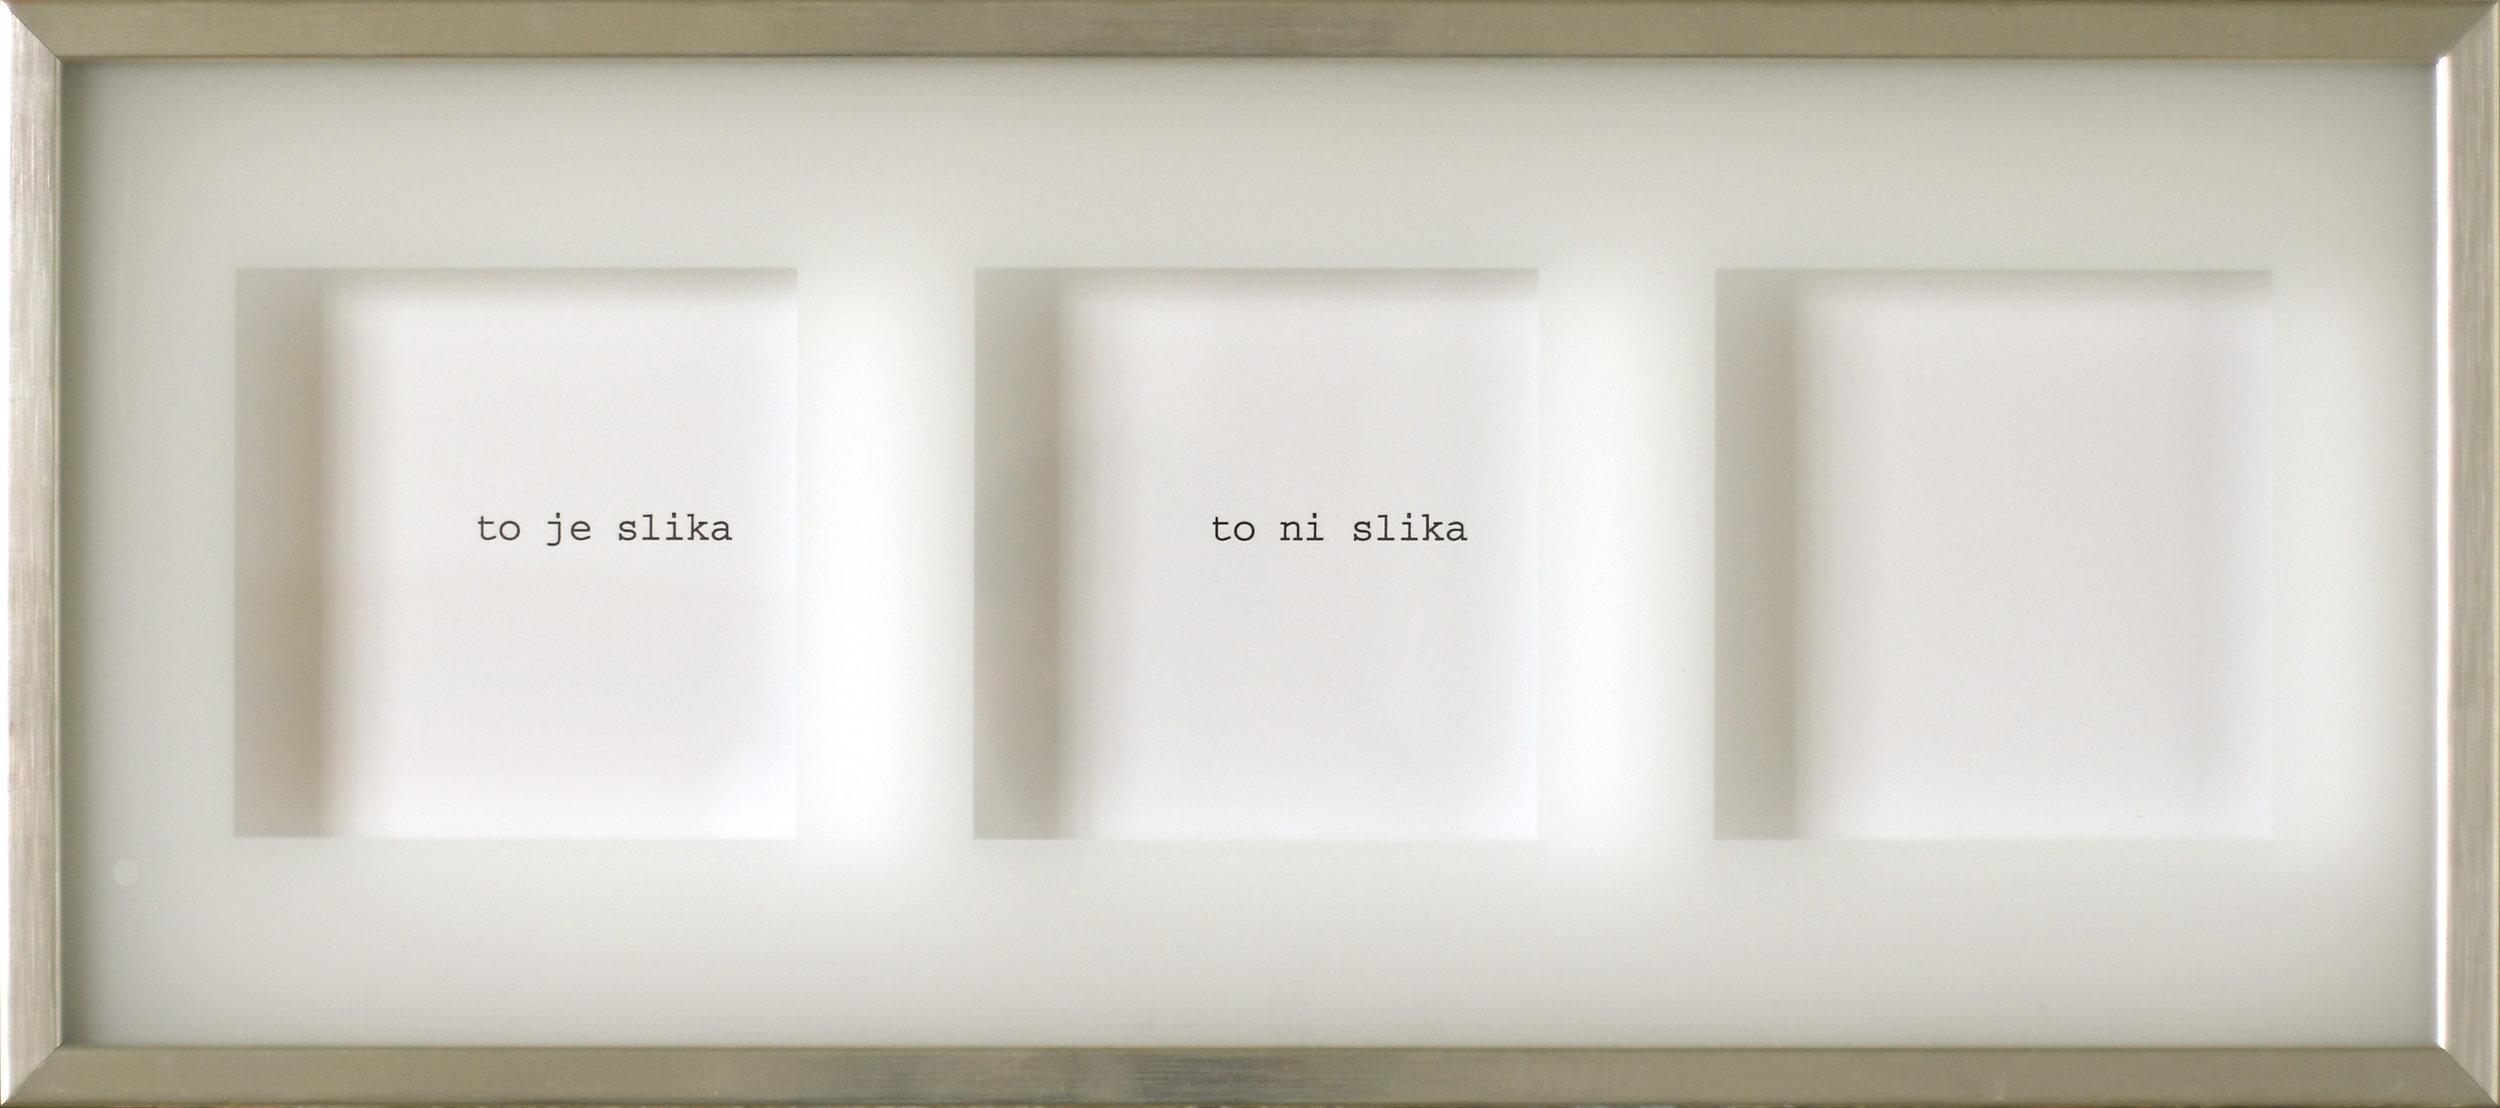 print, 32 x 75 cm, 2005